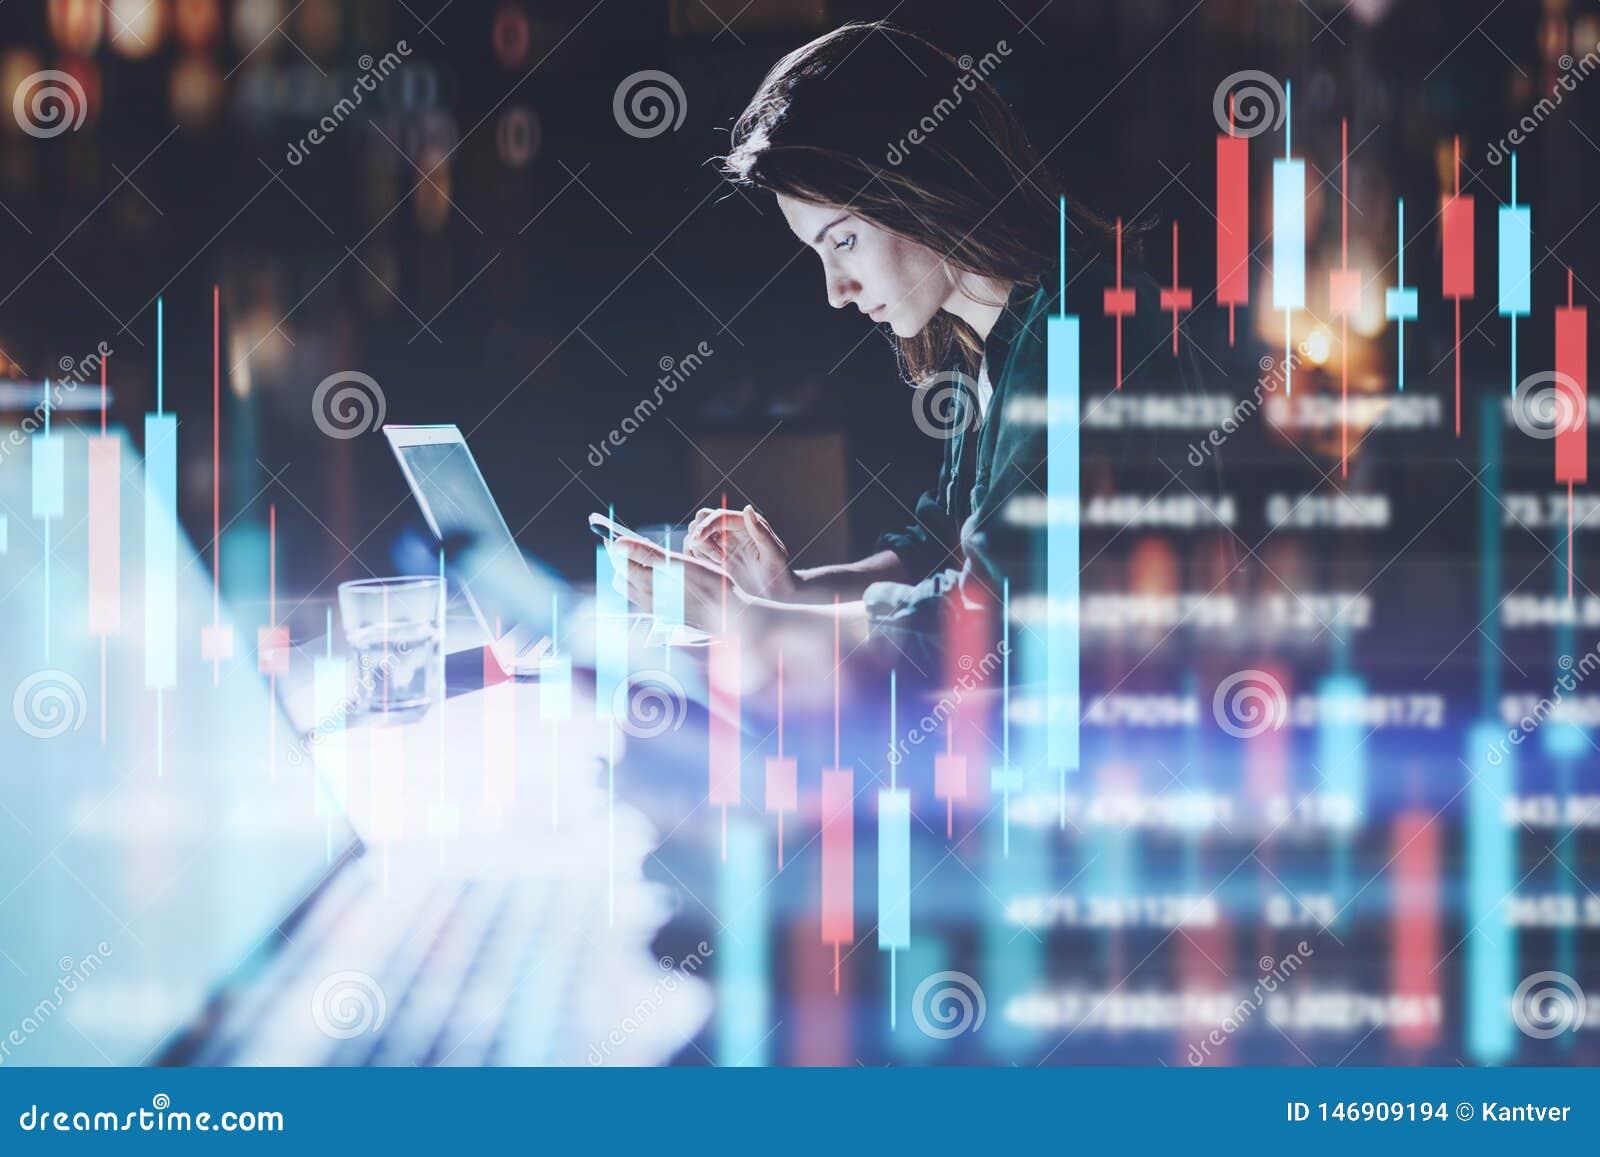 Geschäftsfrau, die im Nachtbüro in der vorderen Laptop-Computer mit Finanzdiagrammen sitzt und ihren Smartphone verwendet Rot und